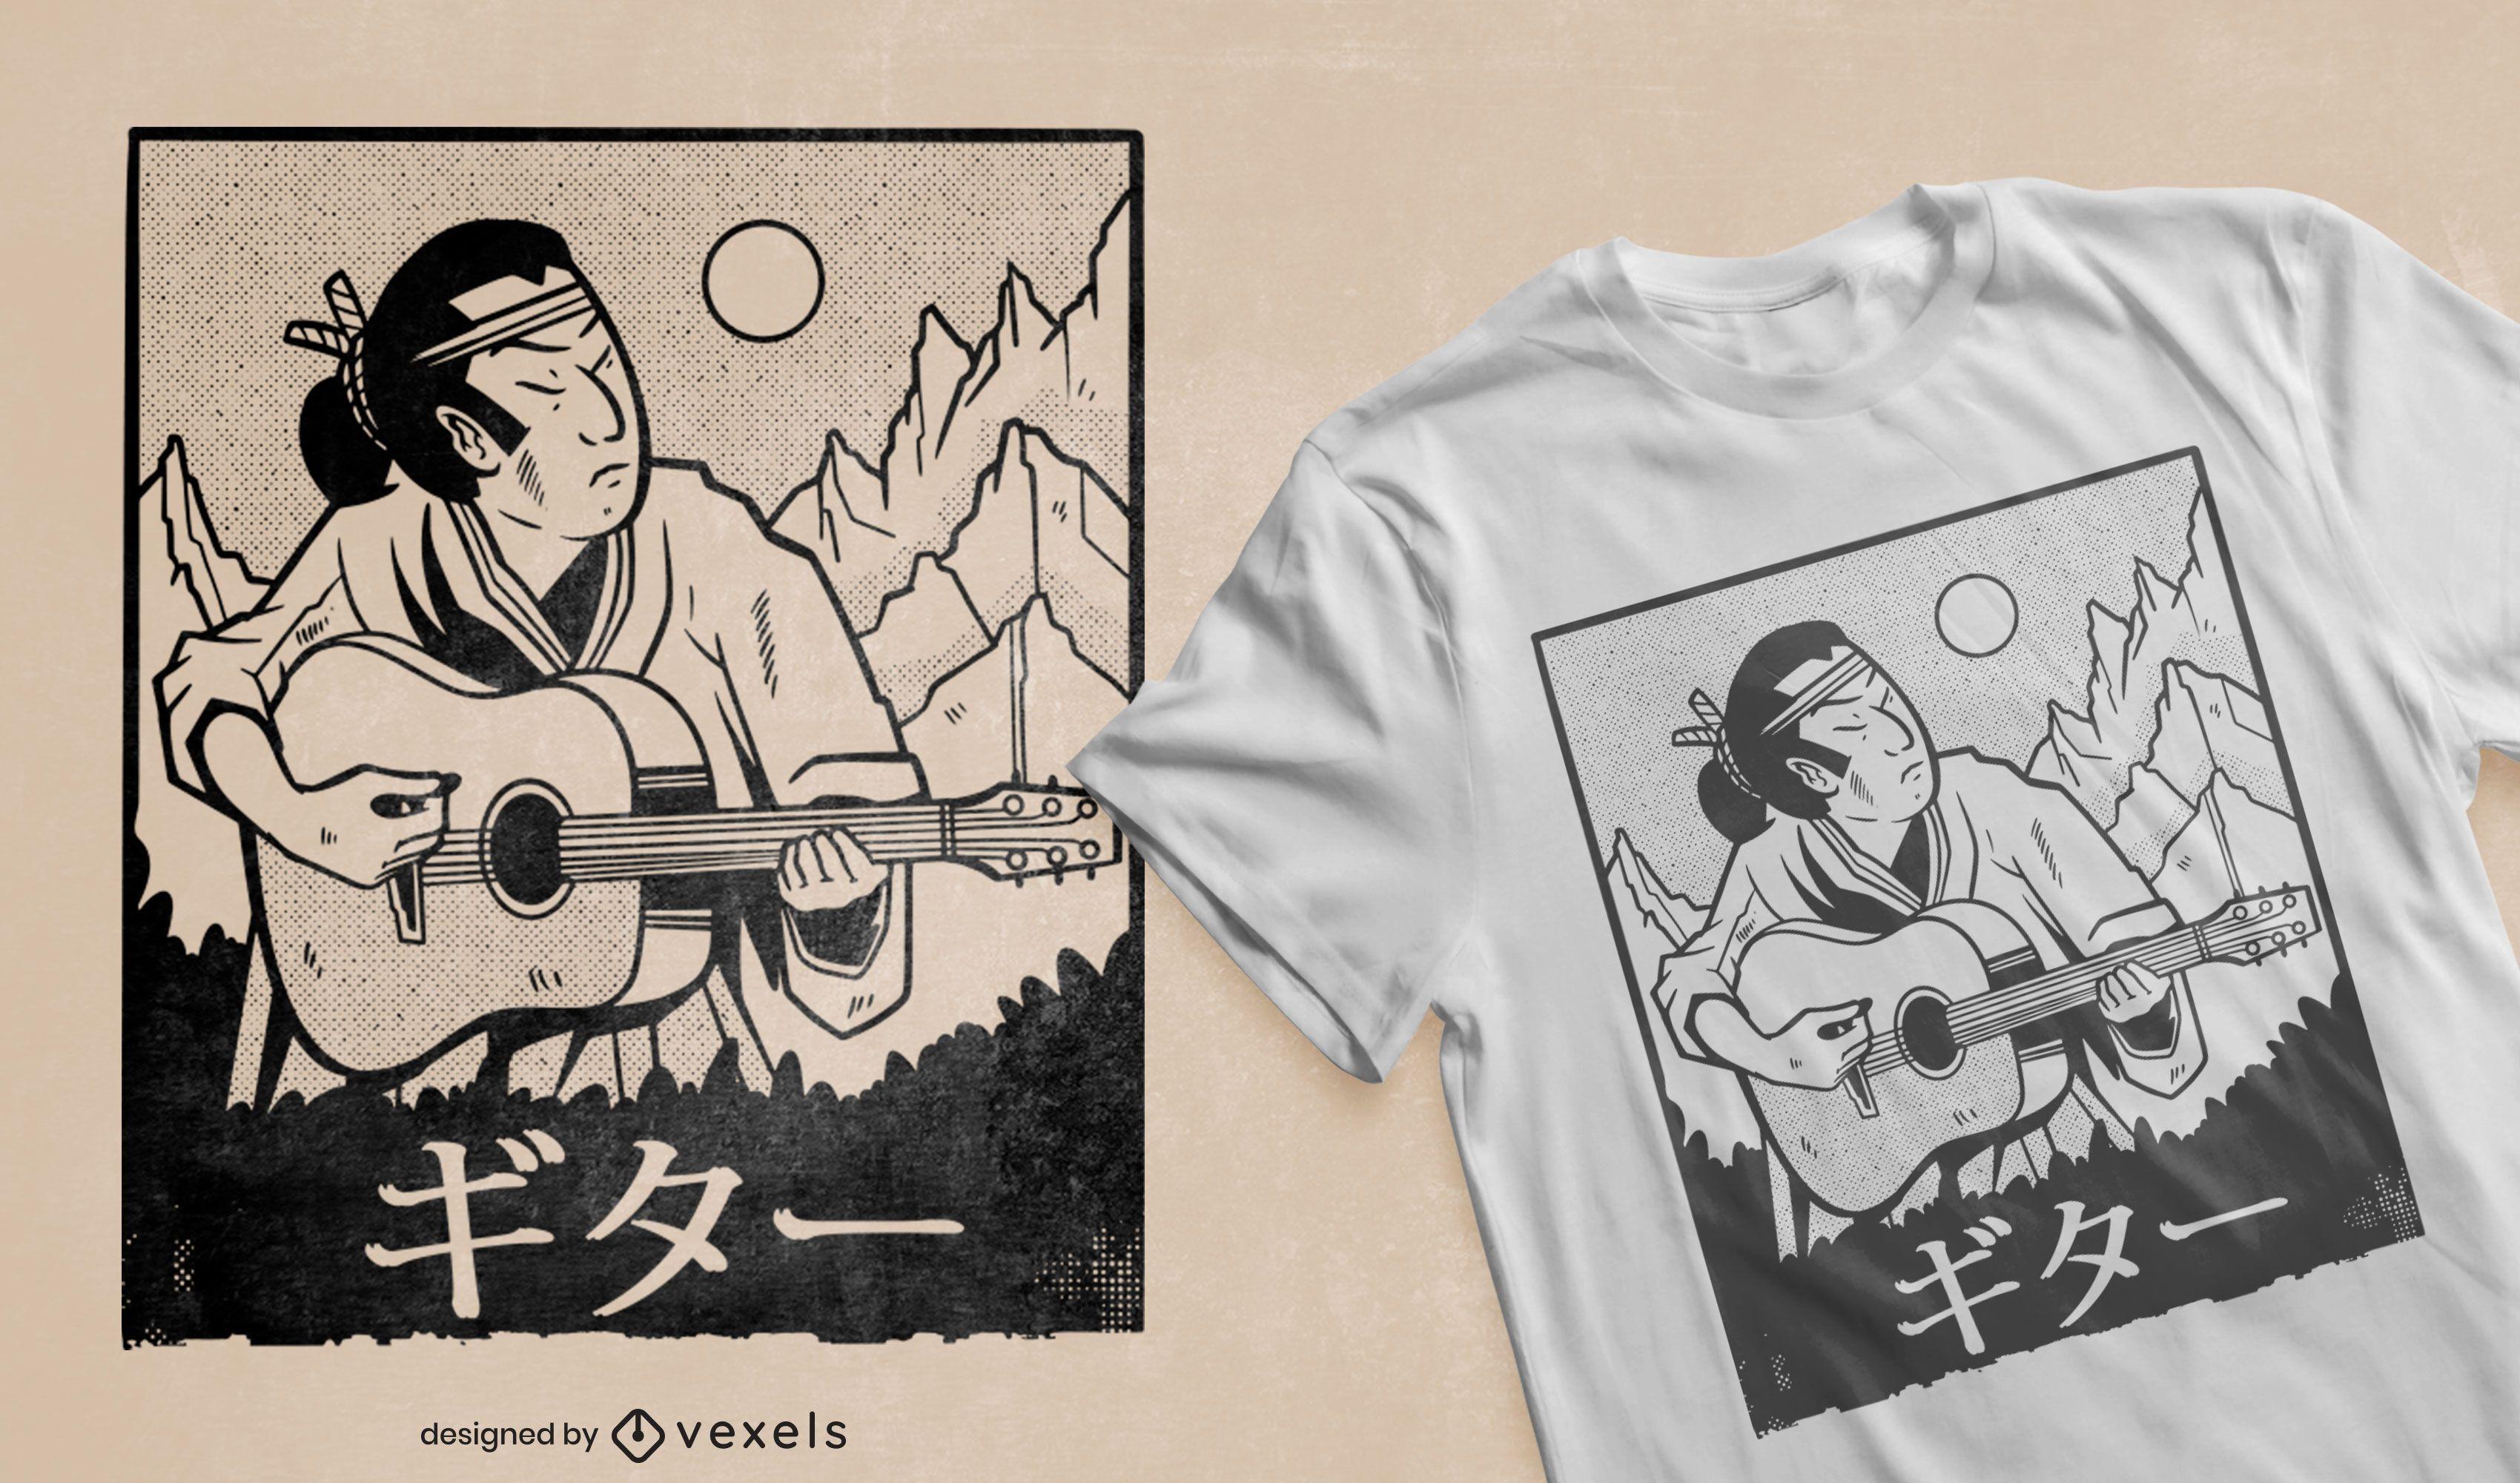 Samurai playing guitar t-shirt design